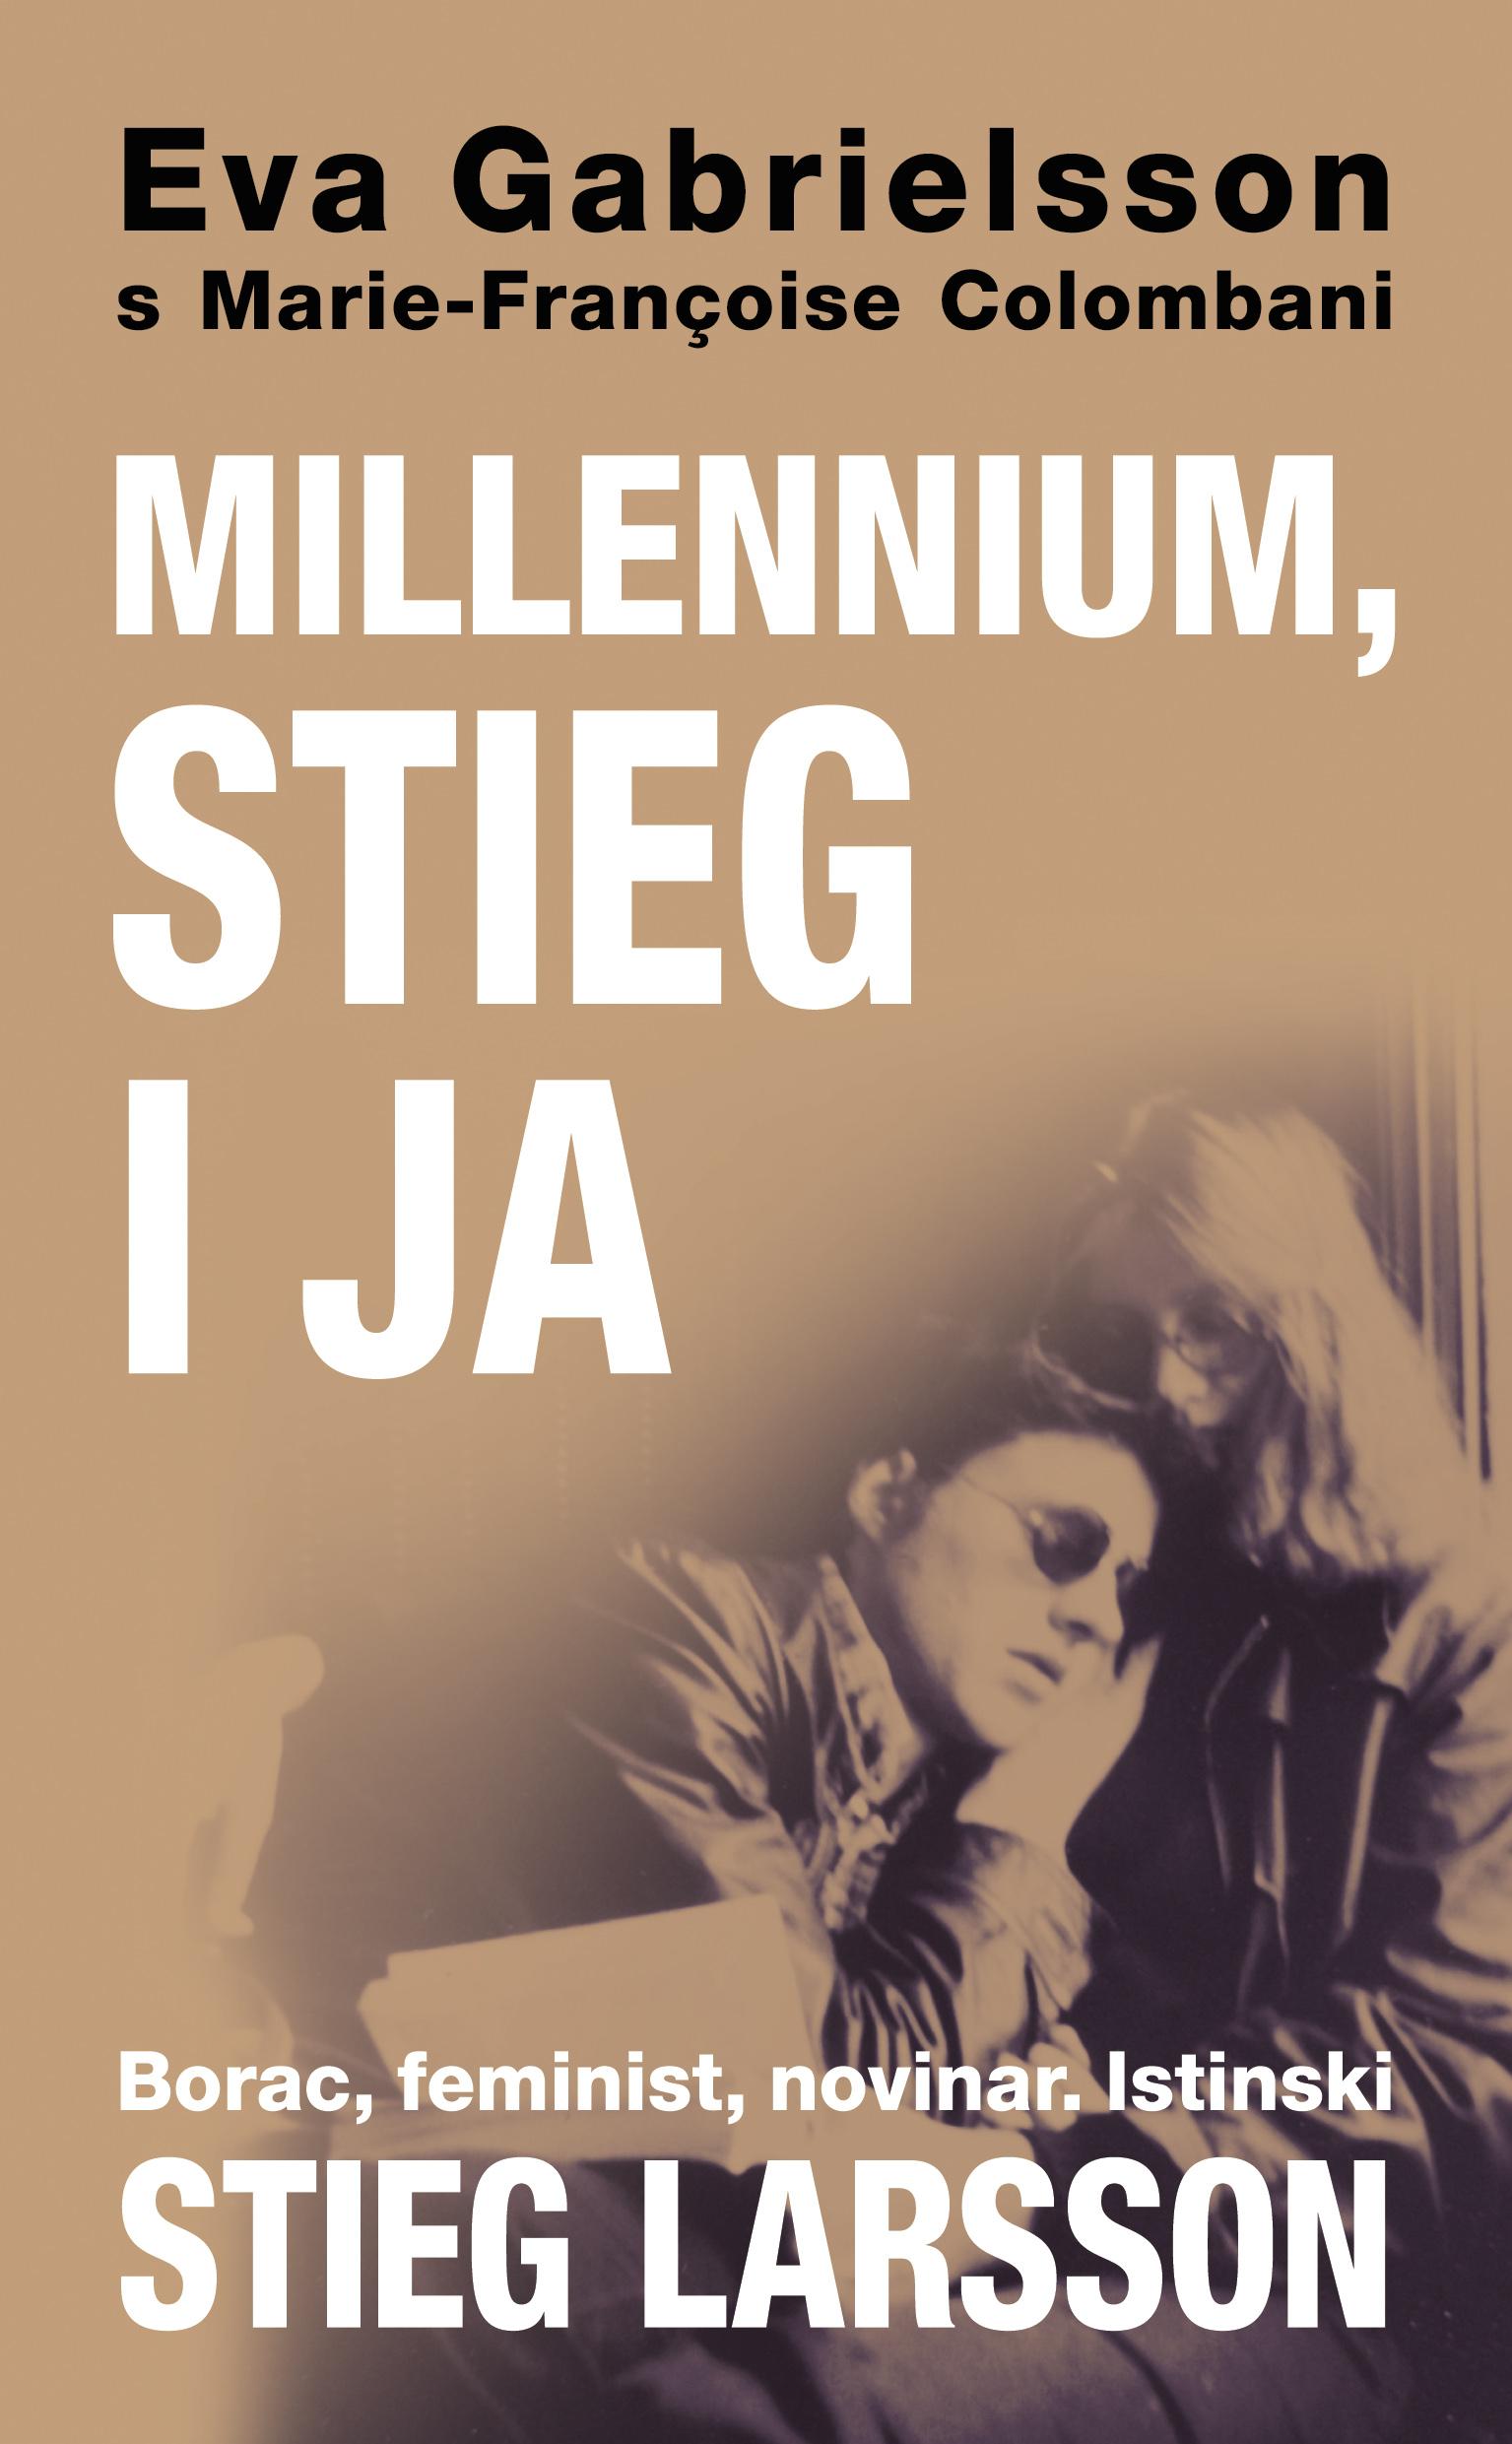 Millennium, Stieg i ja